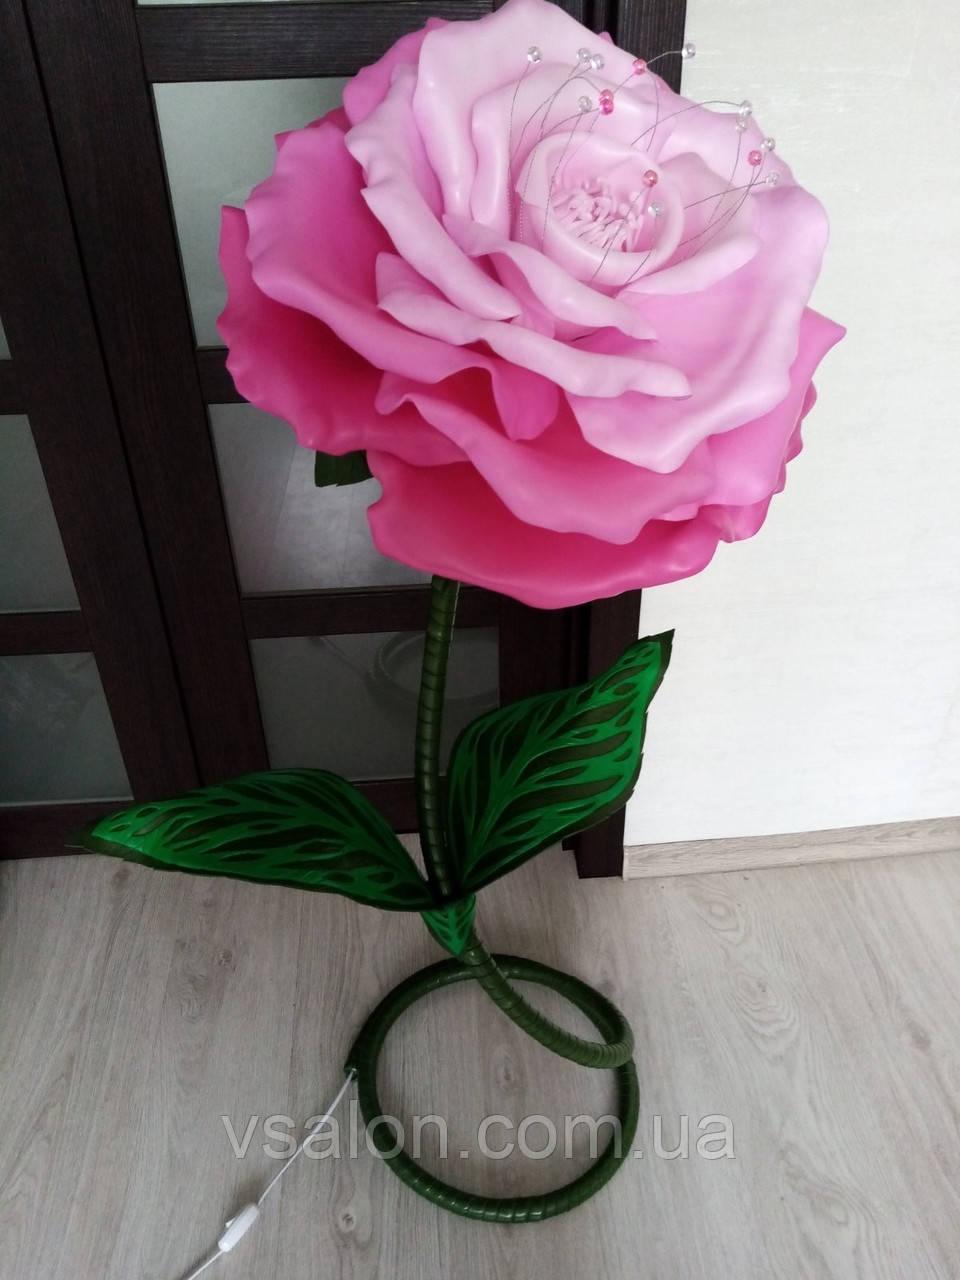 Світильник квітка ручної роботи з ізолону